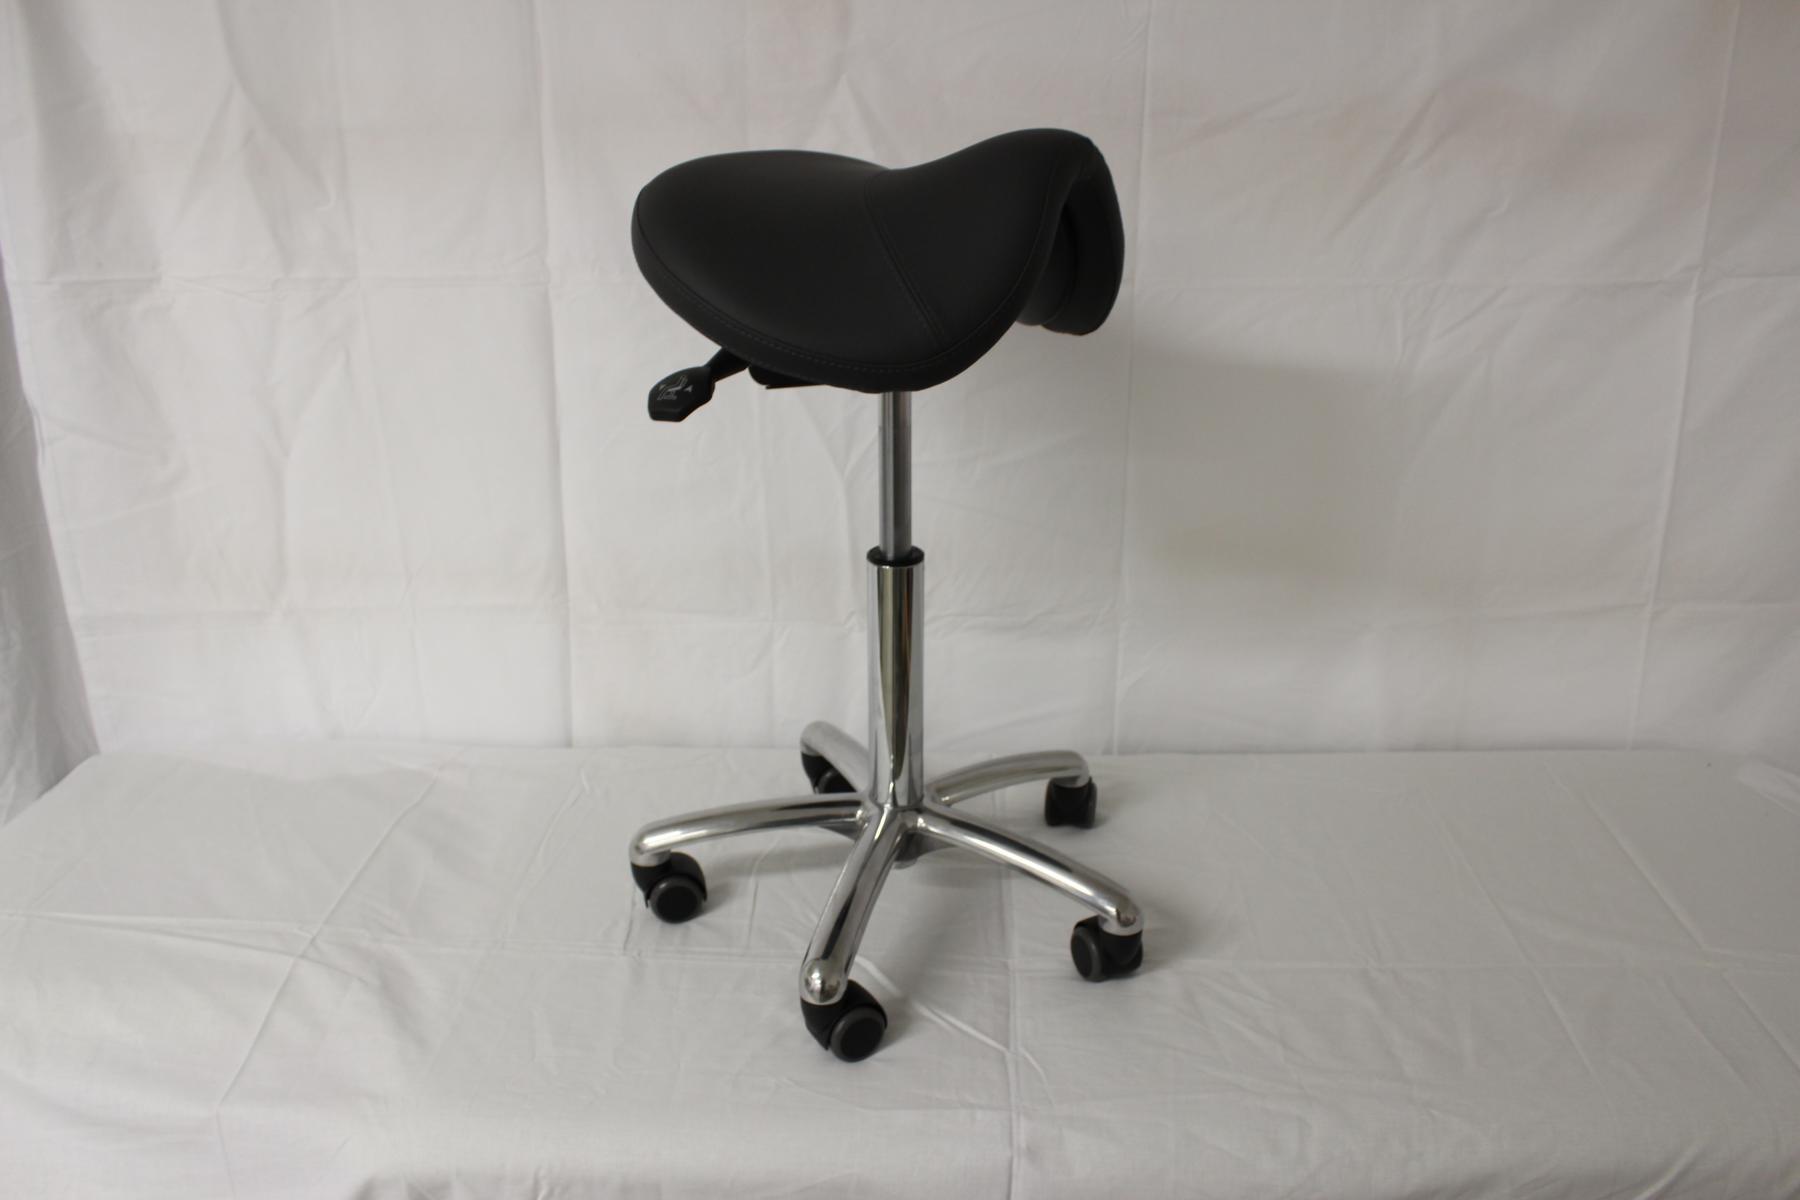 Sattelhocker Balance mit aktiv dynamischer Sitzfläche - Farbe Anthrazit - Ausstellungsstück